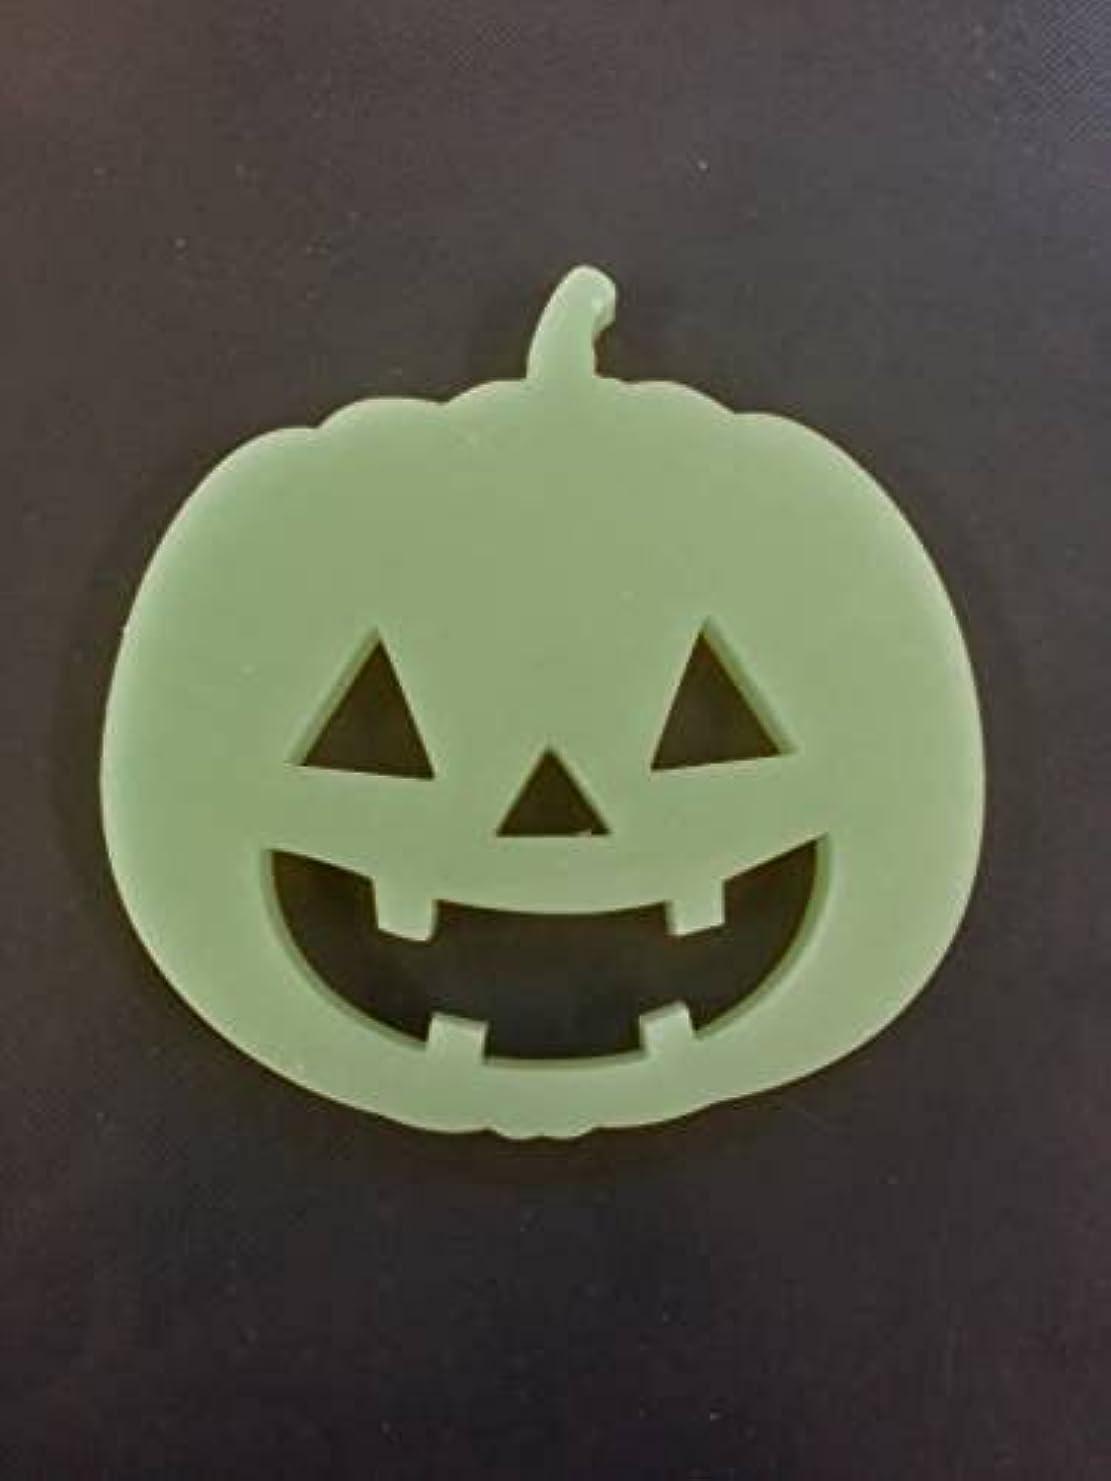 信号栄光ヒステリックGRASSE TOKYO AROMATICWAXチャーム「ハロウィンかぼちゃ」(GR) レモングラス アロマティックワックス グラーストウキョウ